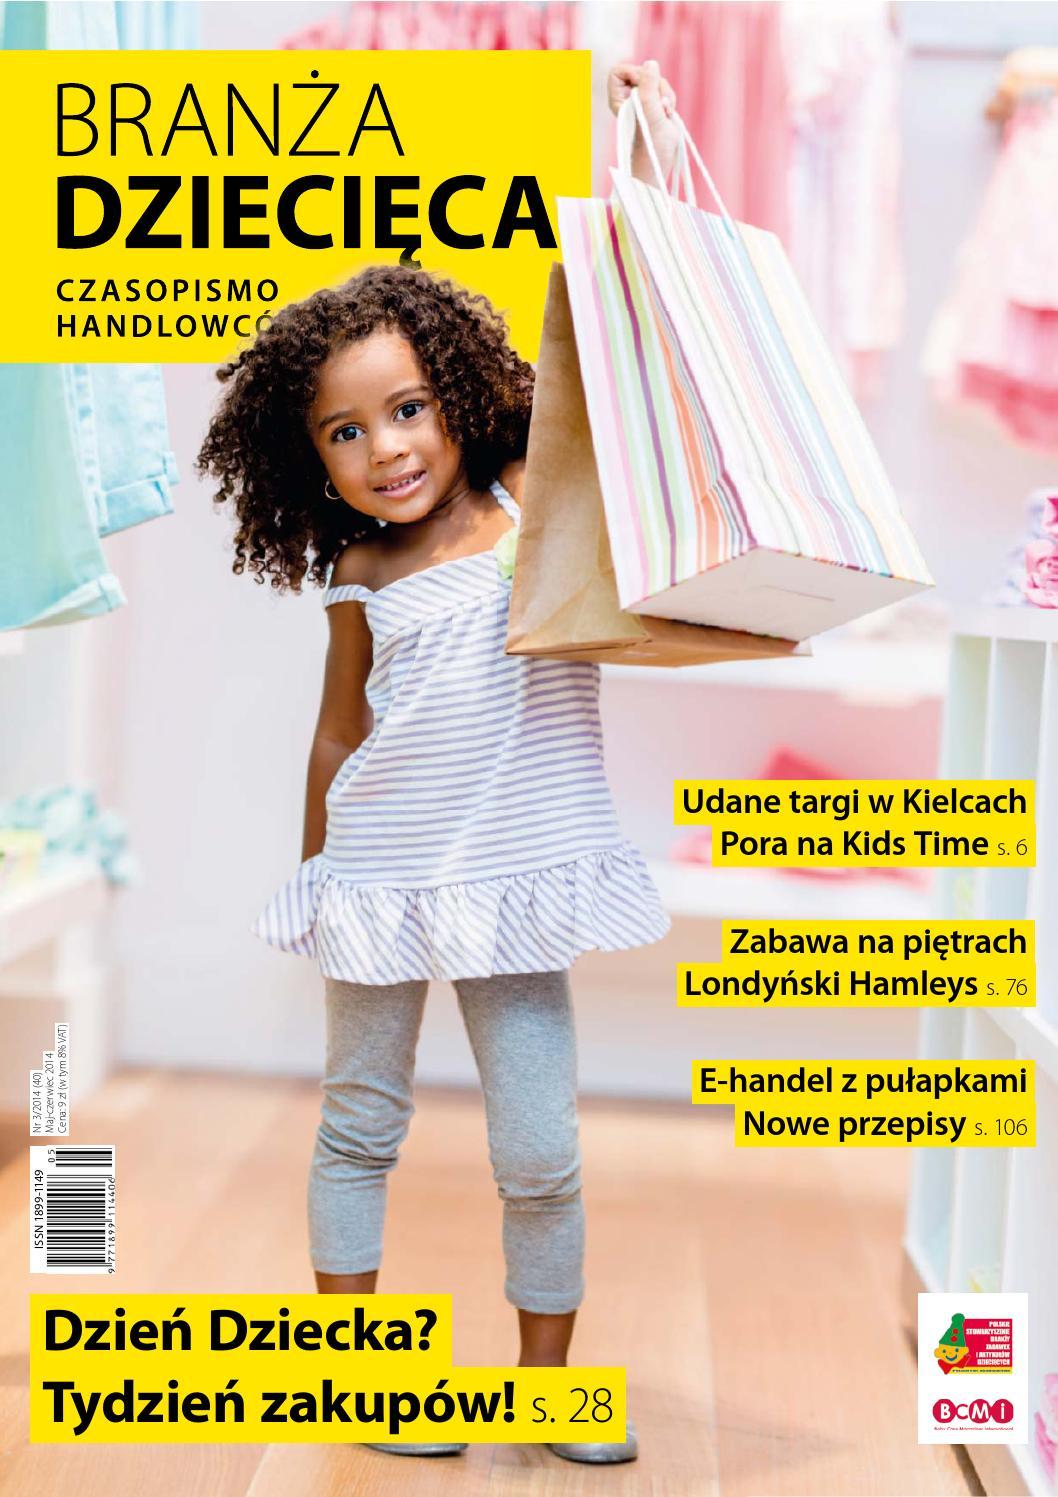 4805a98f3ae777 Branża Dziecięca 3/2014 by Branża Dziecięca - issuu